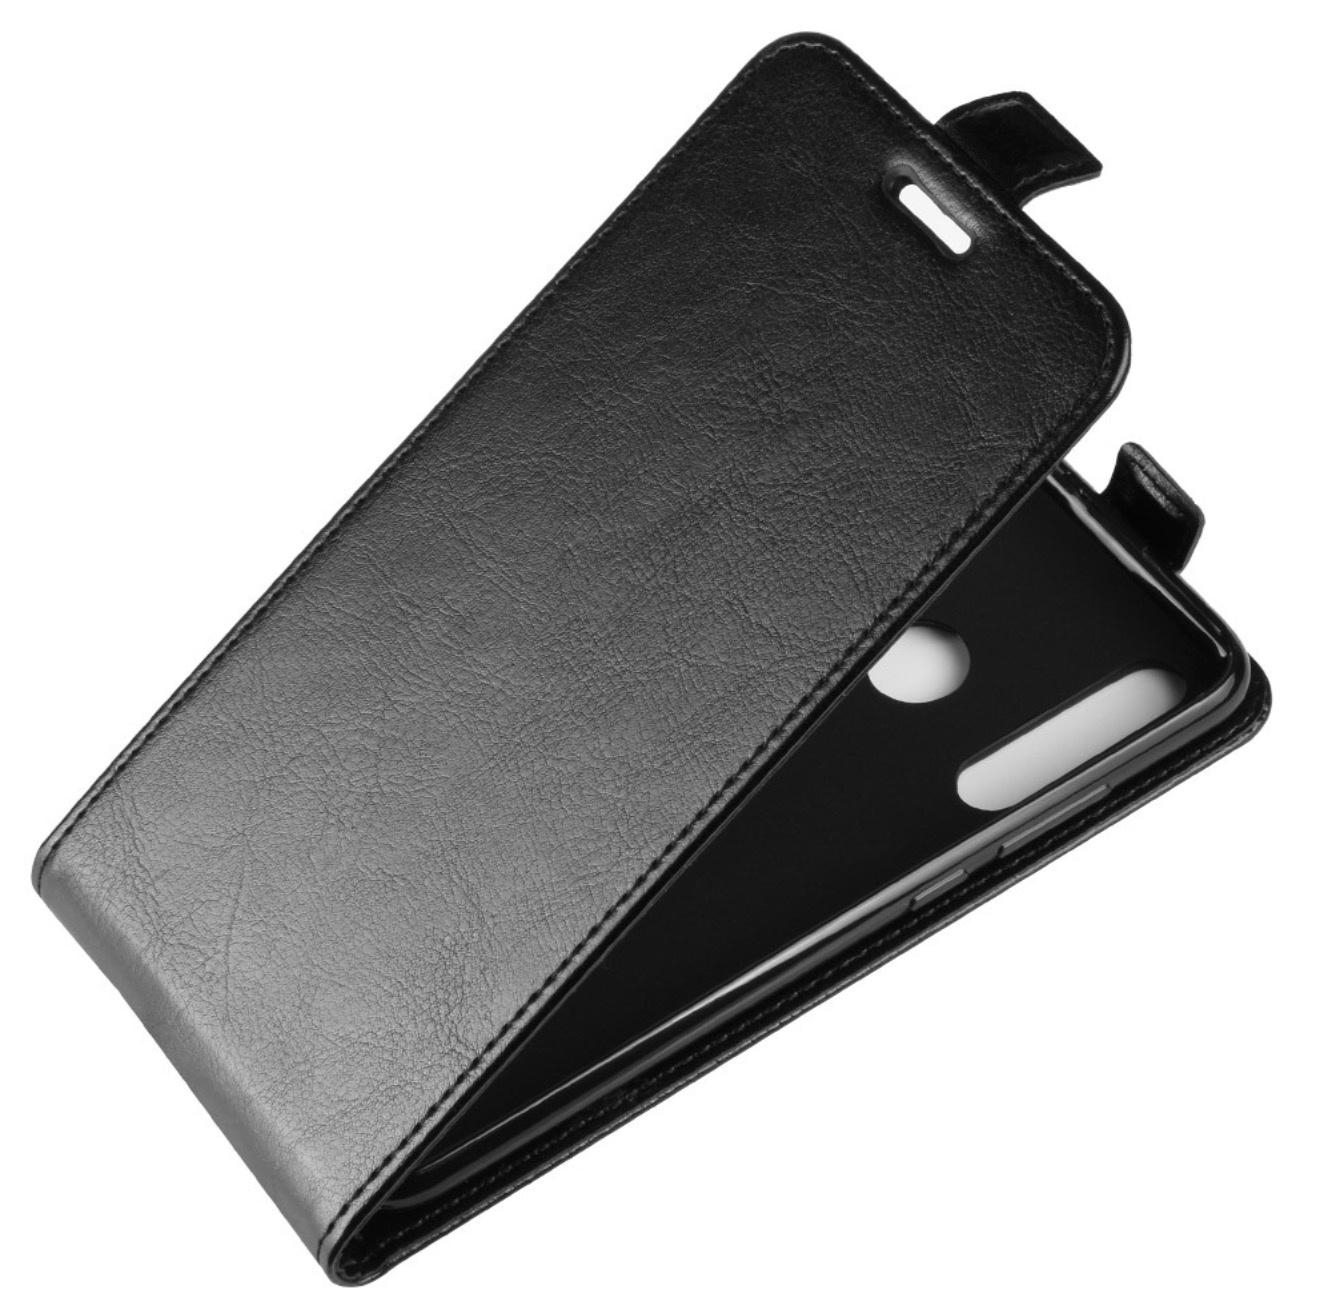 Чехол-флип MyPads для Sony Xperia C3/C3 Dual Sim D2533 /D2502 /S55T/ S55U вертикальный откидной черный черный дизайн кожа pu откидная крышка бумажника карты держатель чехол для sony xperia c3 s55t